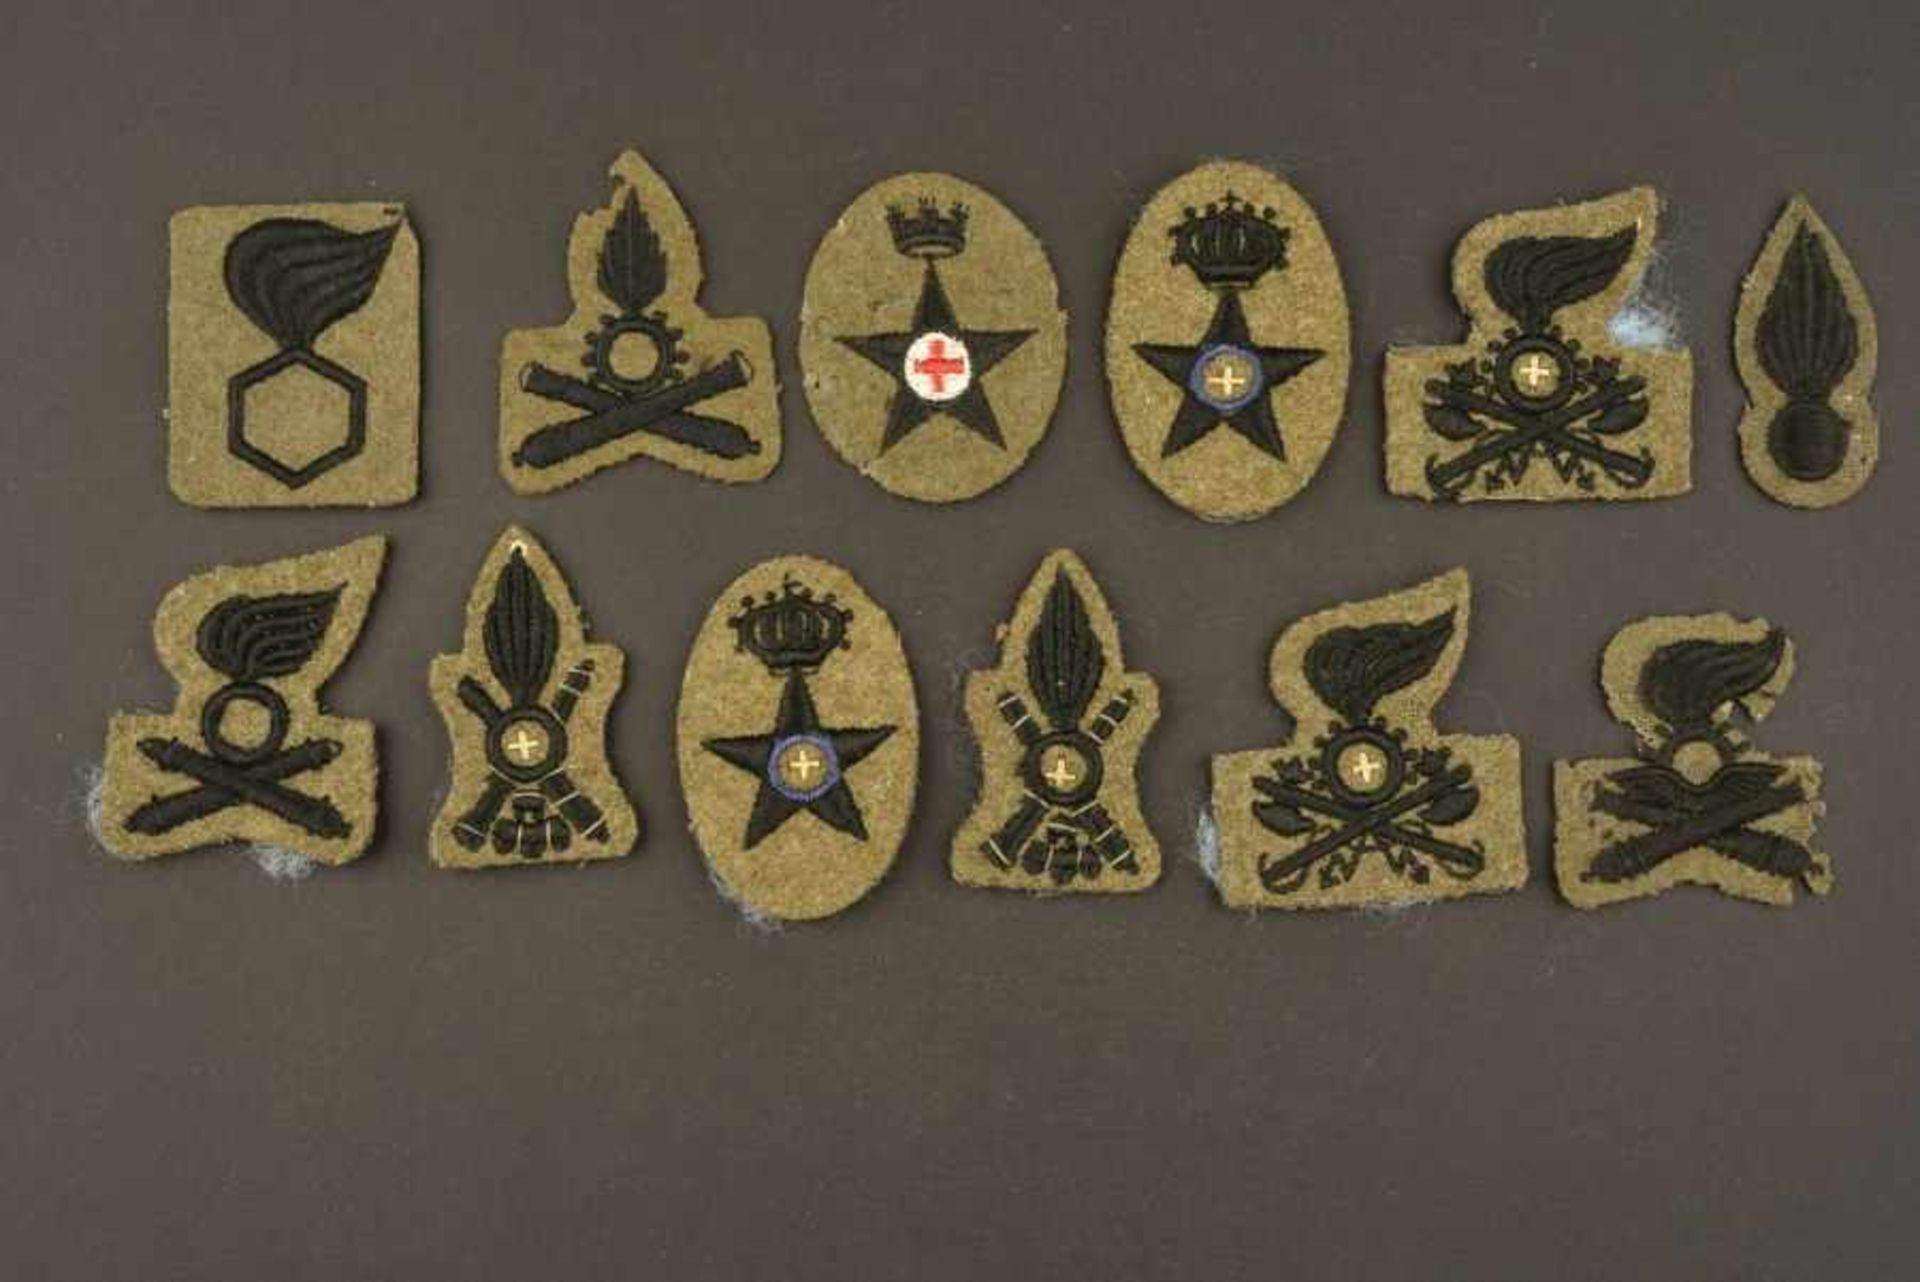 Insignes de spécialité de l'armée royale italienneDouze insignes de modèles différents. Il s'agit